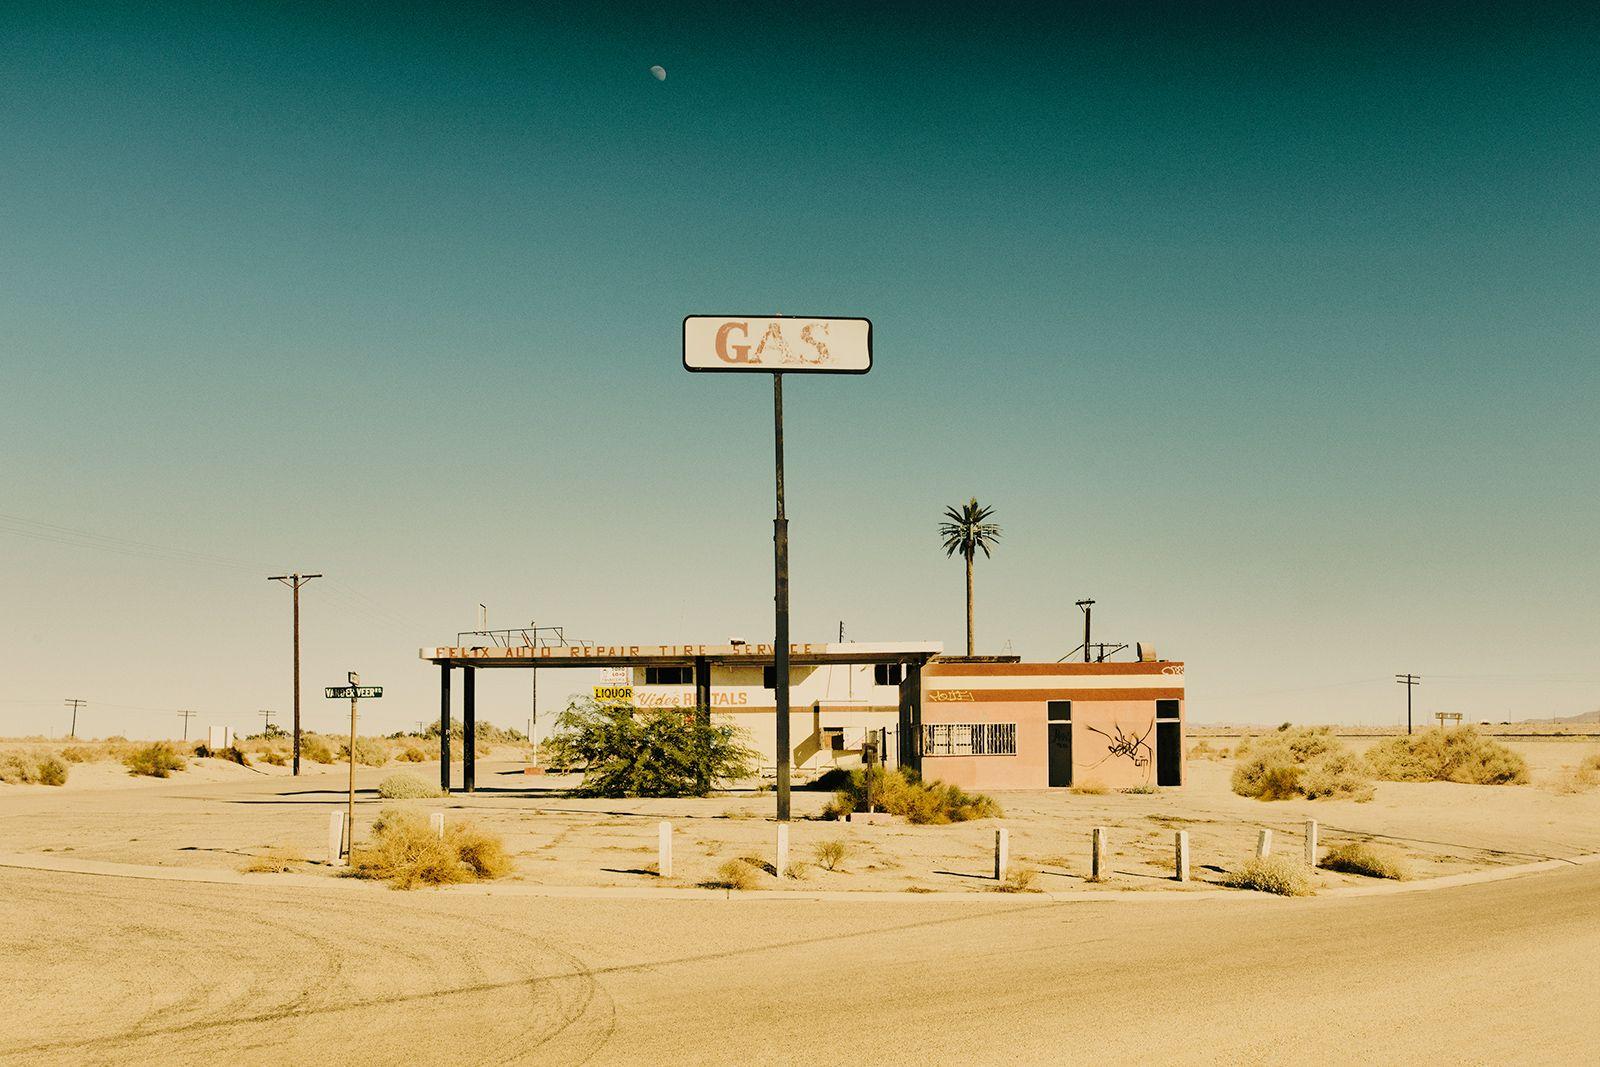 Gas Station - Sarah Johanna Eick - Tableaux, photographie, art photographique en ligne chez LUMAS